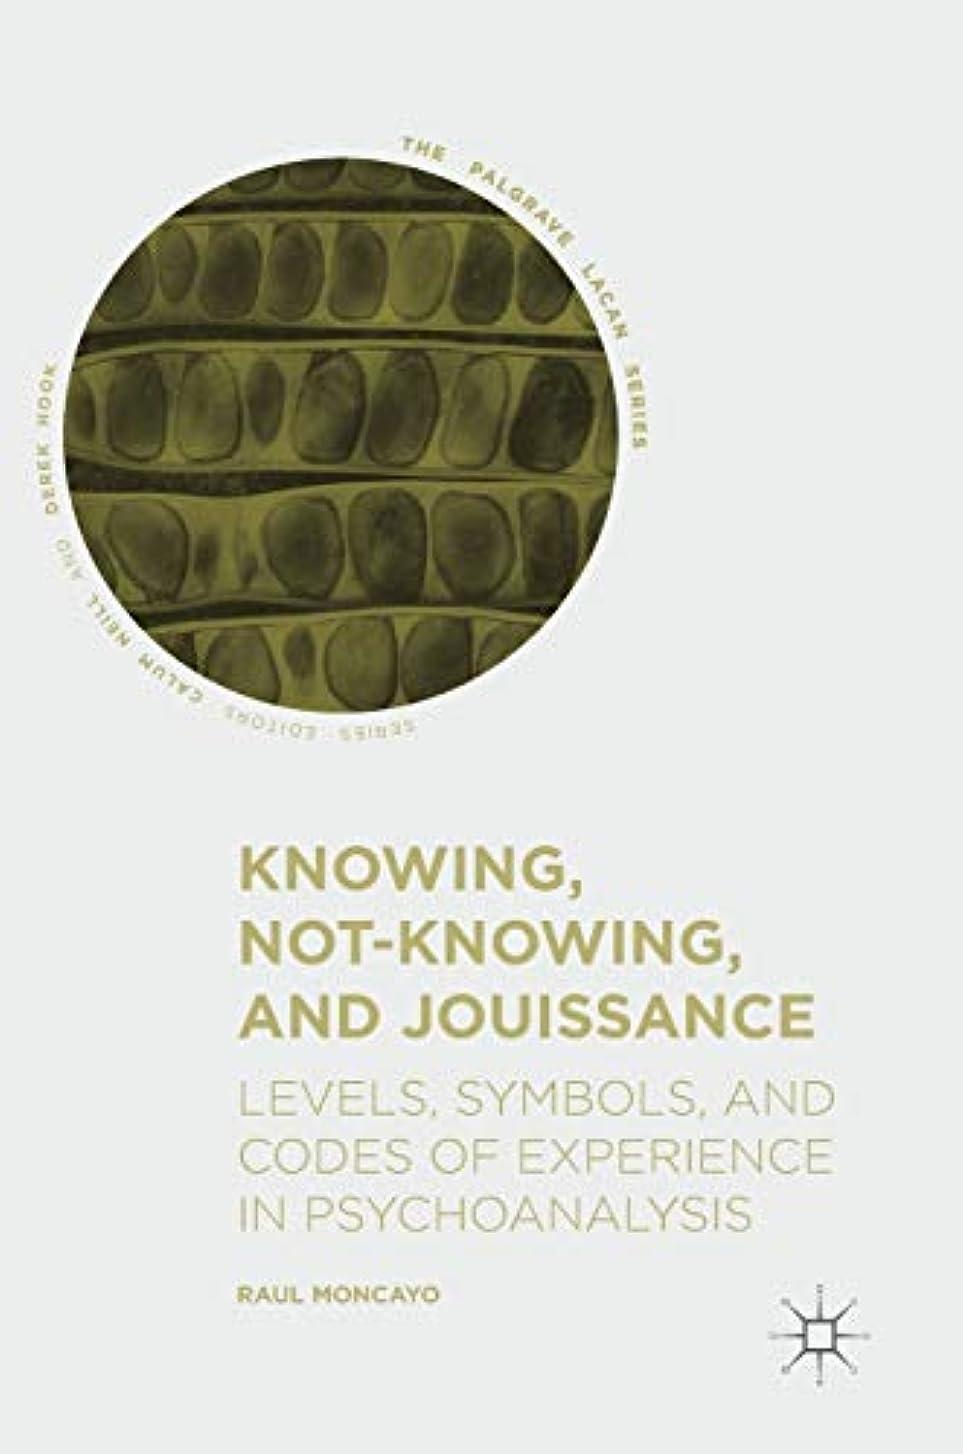 カトリック教徒憤る麺Knowing, Not-Knowing, and Jouissance: Levels, Symbols, and Codes of Experience in Psychoanalysis (The Palgrave Lacan Series)